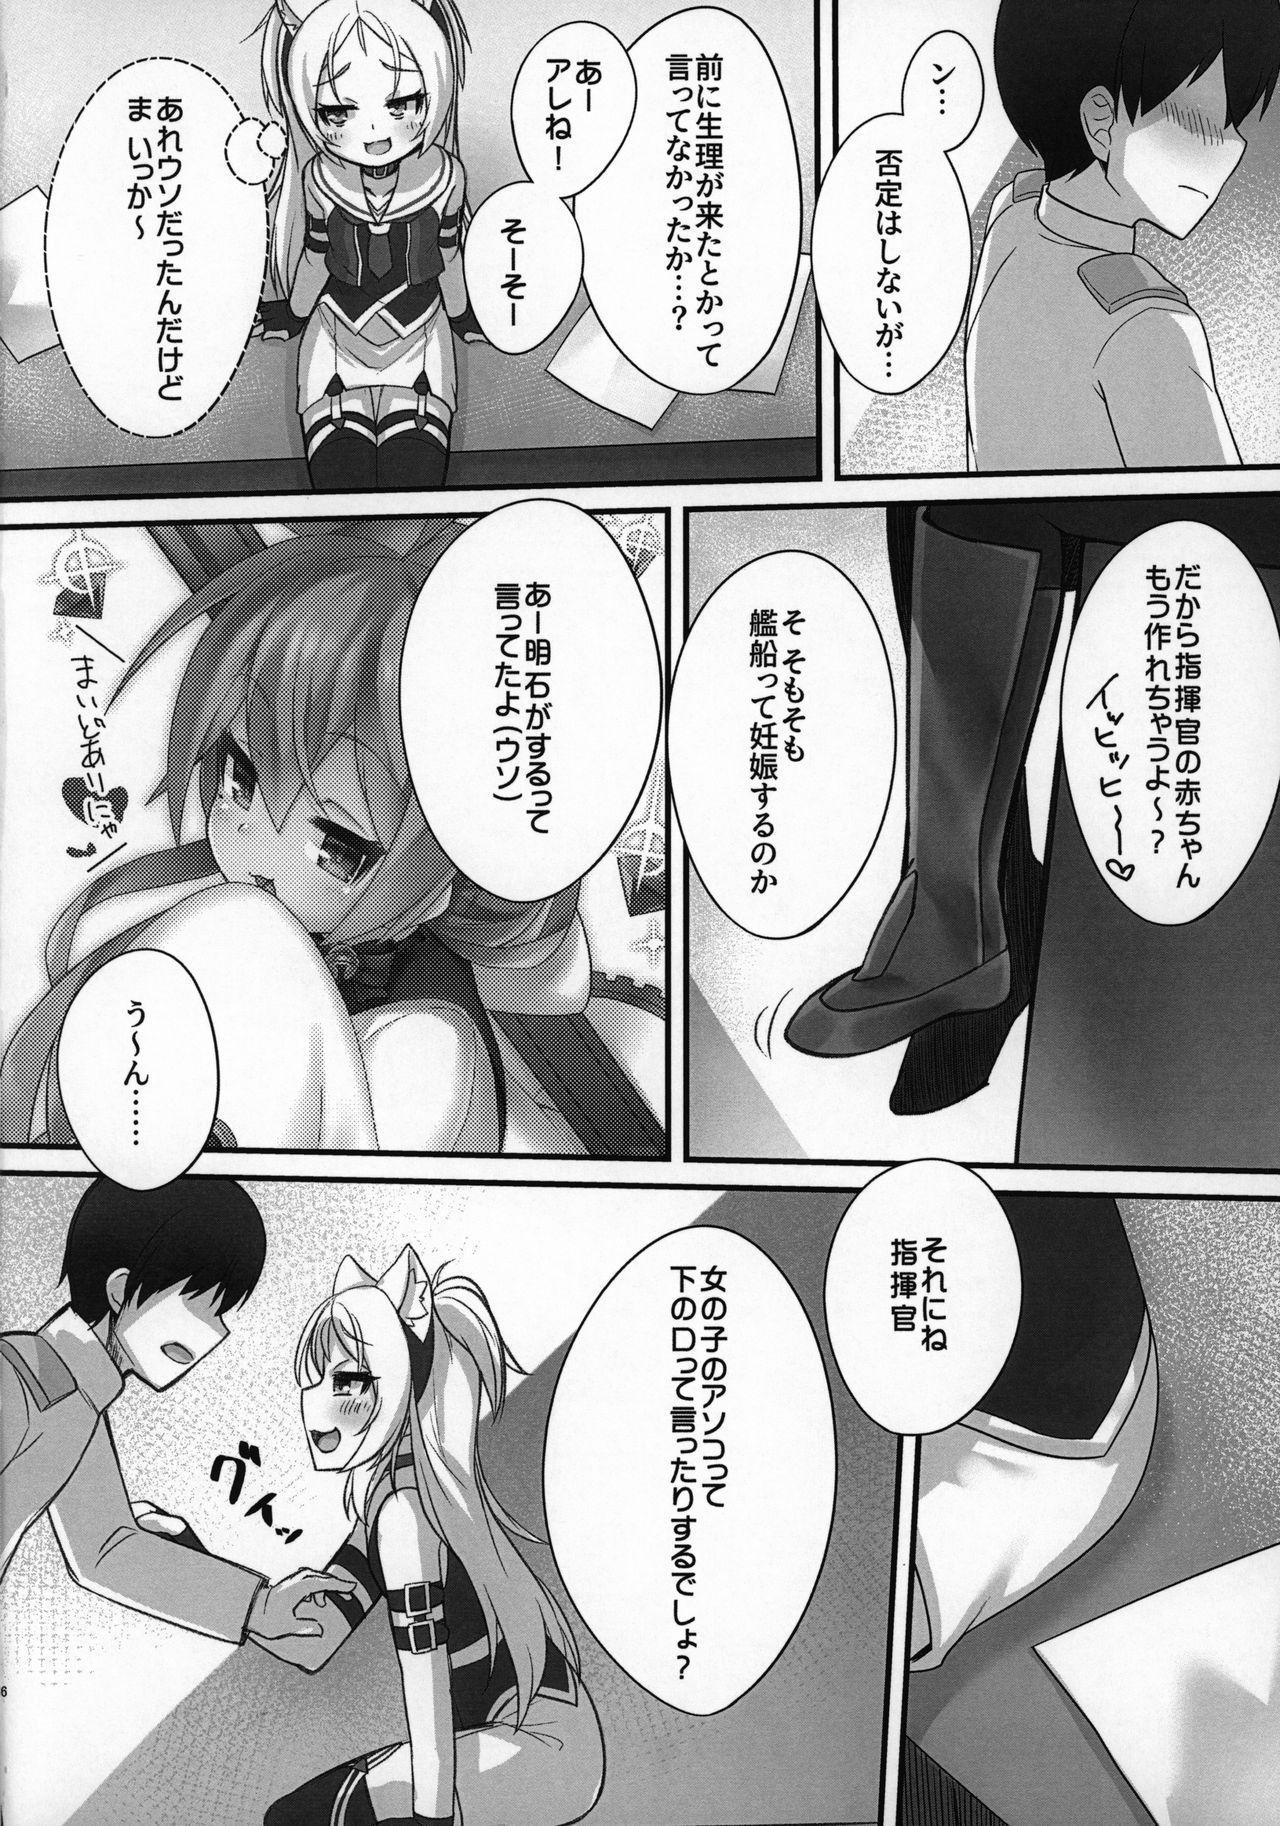 Shikikan-saa~ Kouiu no Suki desho? 4